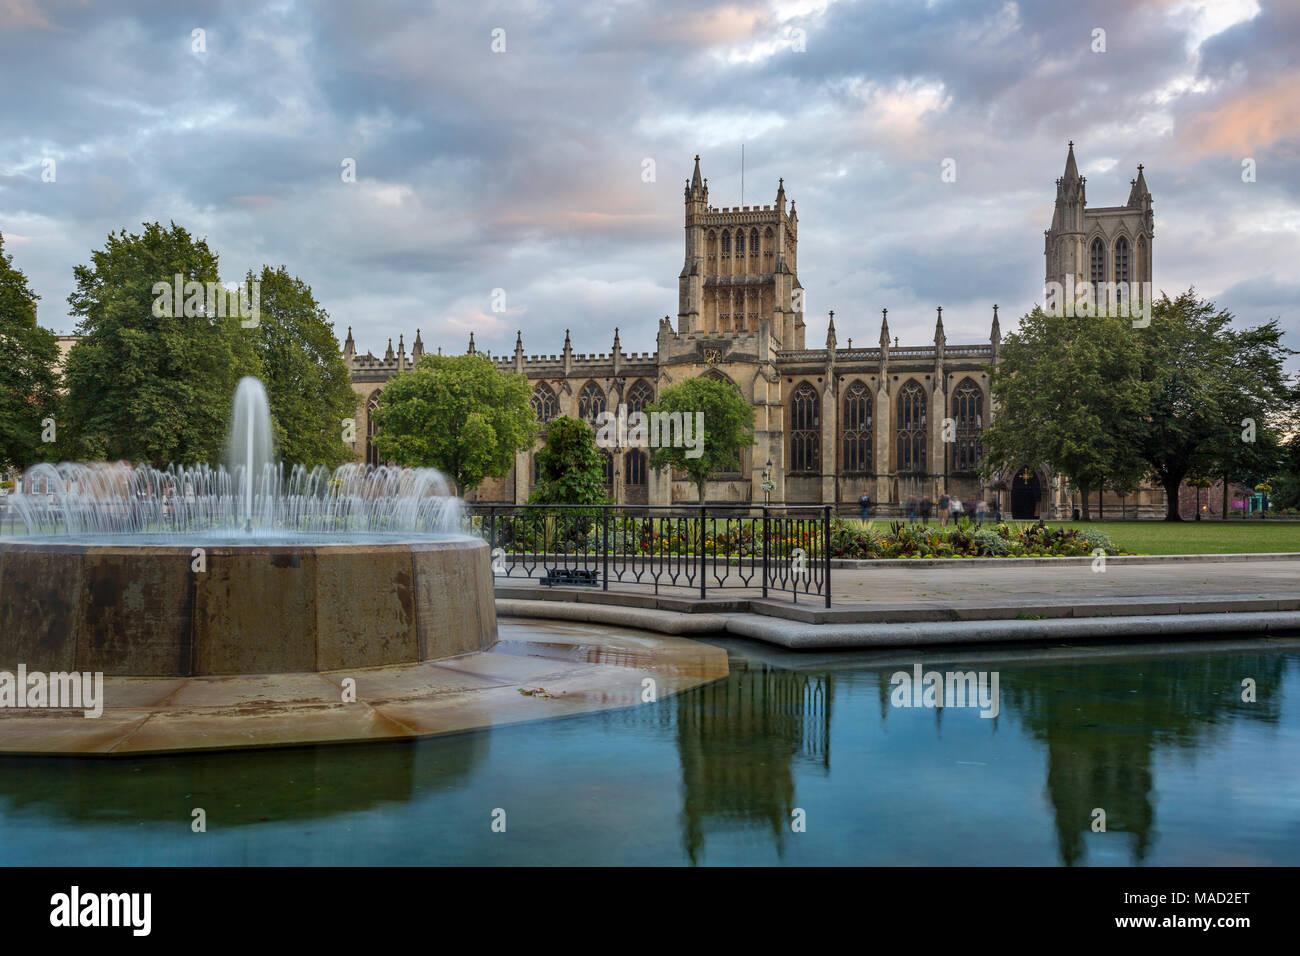 Lumière du soir sur tours de la cathédrale de Bristol (église cathédrale de la Sainte et indivisible Trinité), Bristol, Angleterre Banque D'Images